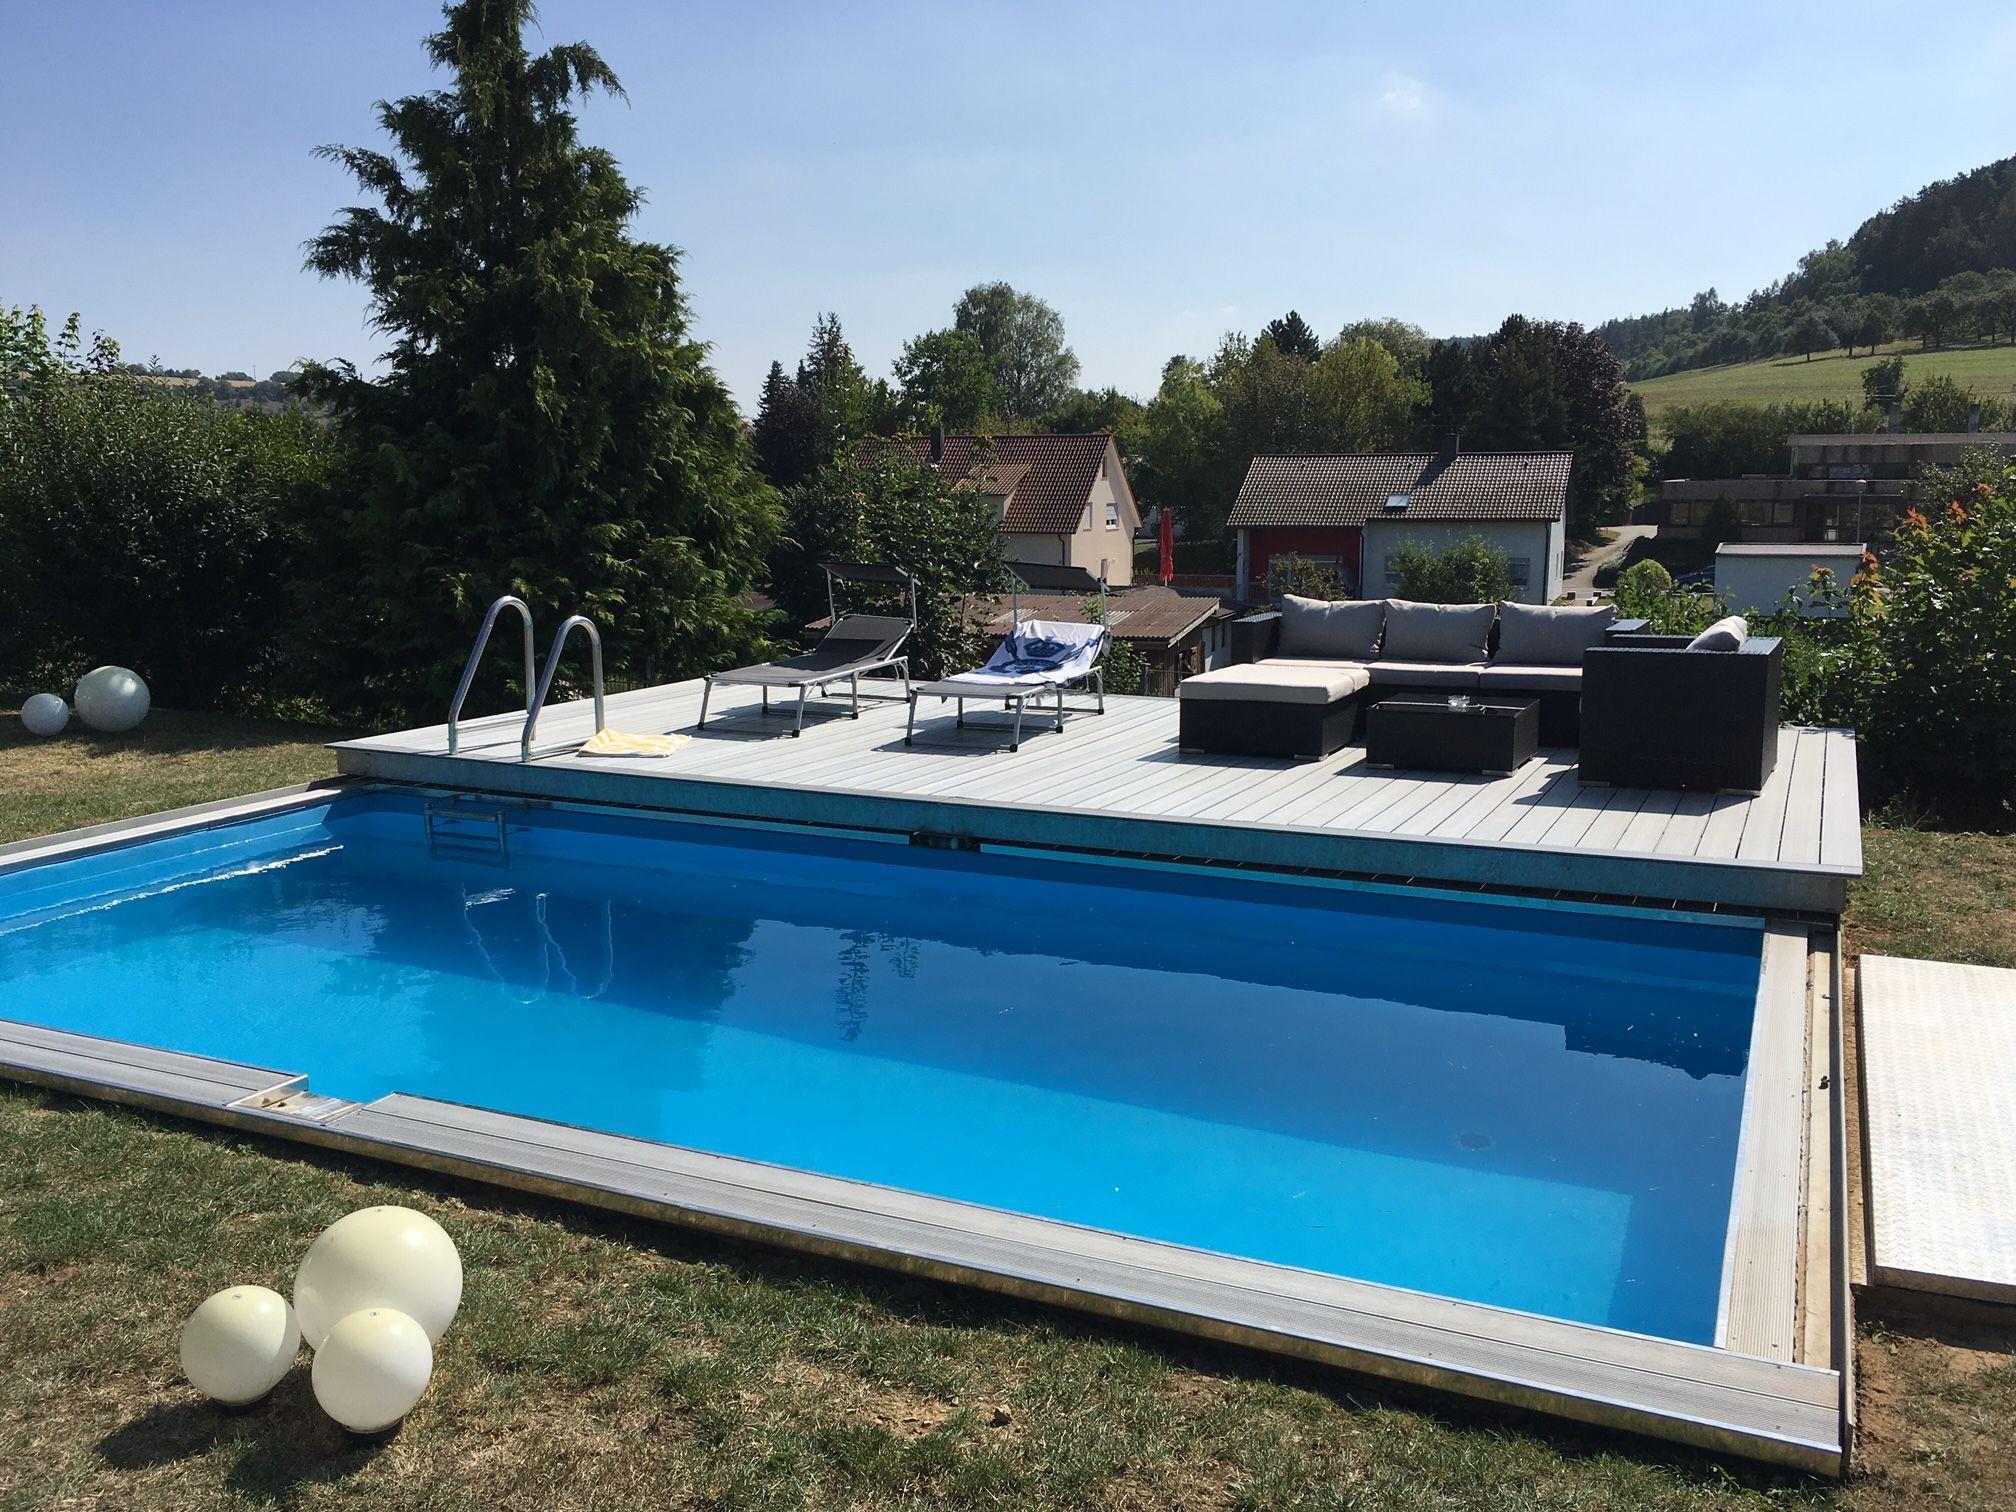 Selbstbau pool mit verschiebbarem deck was f r eine - Gartenanlage mit pool ...